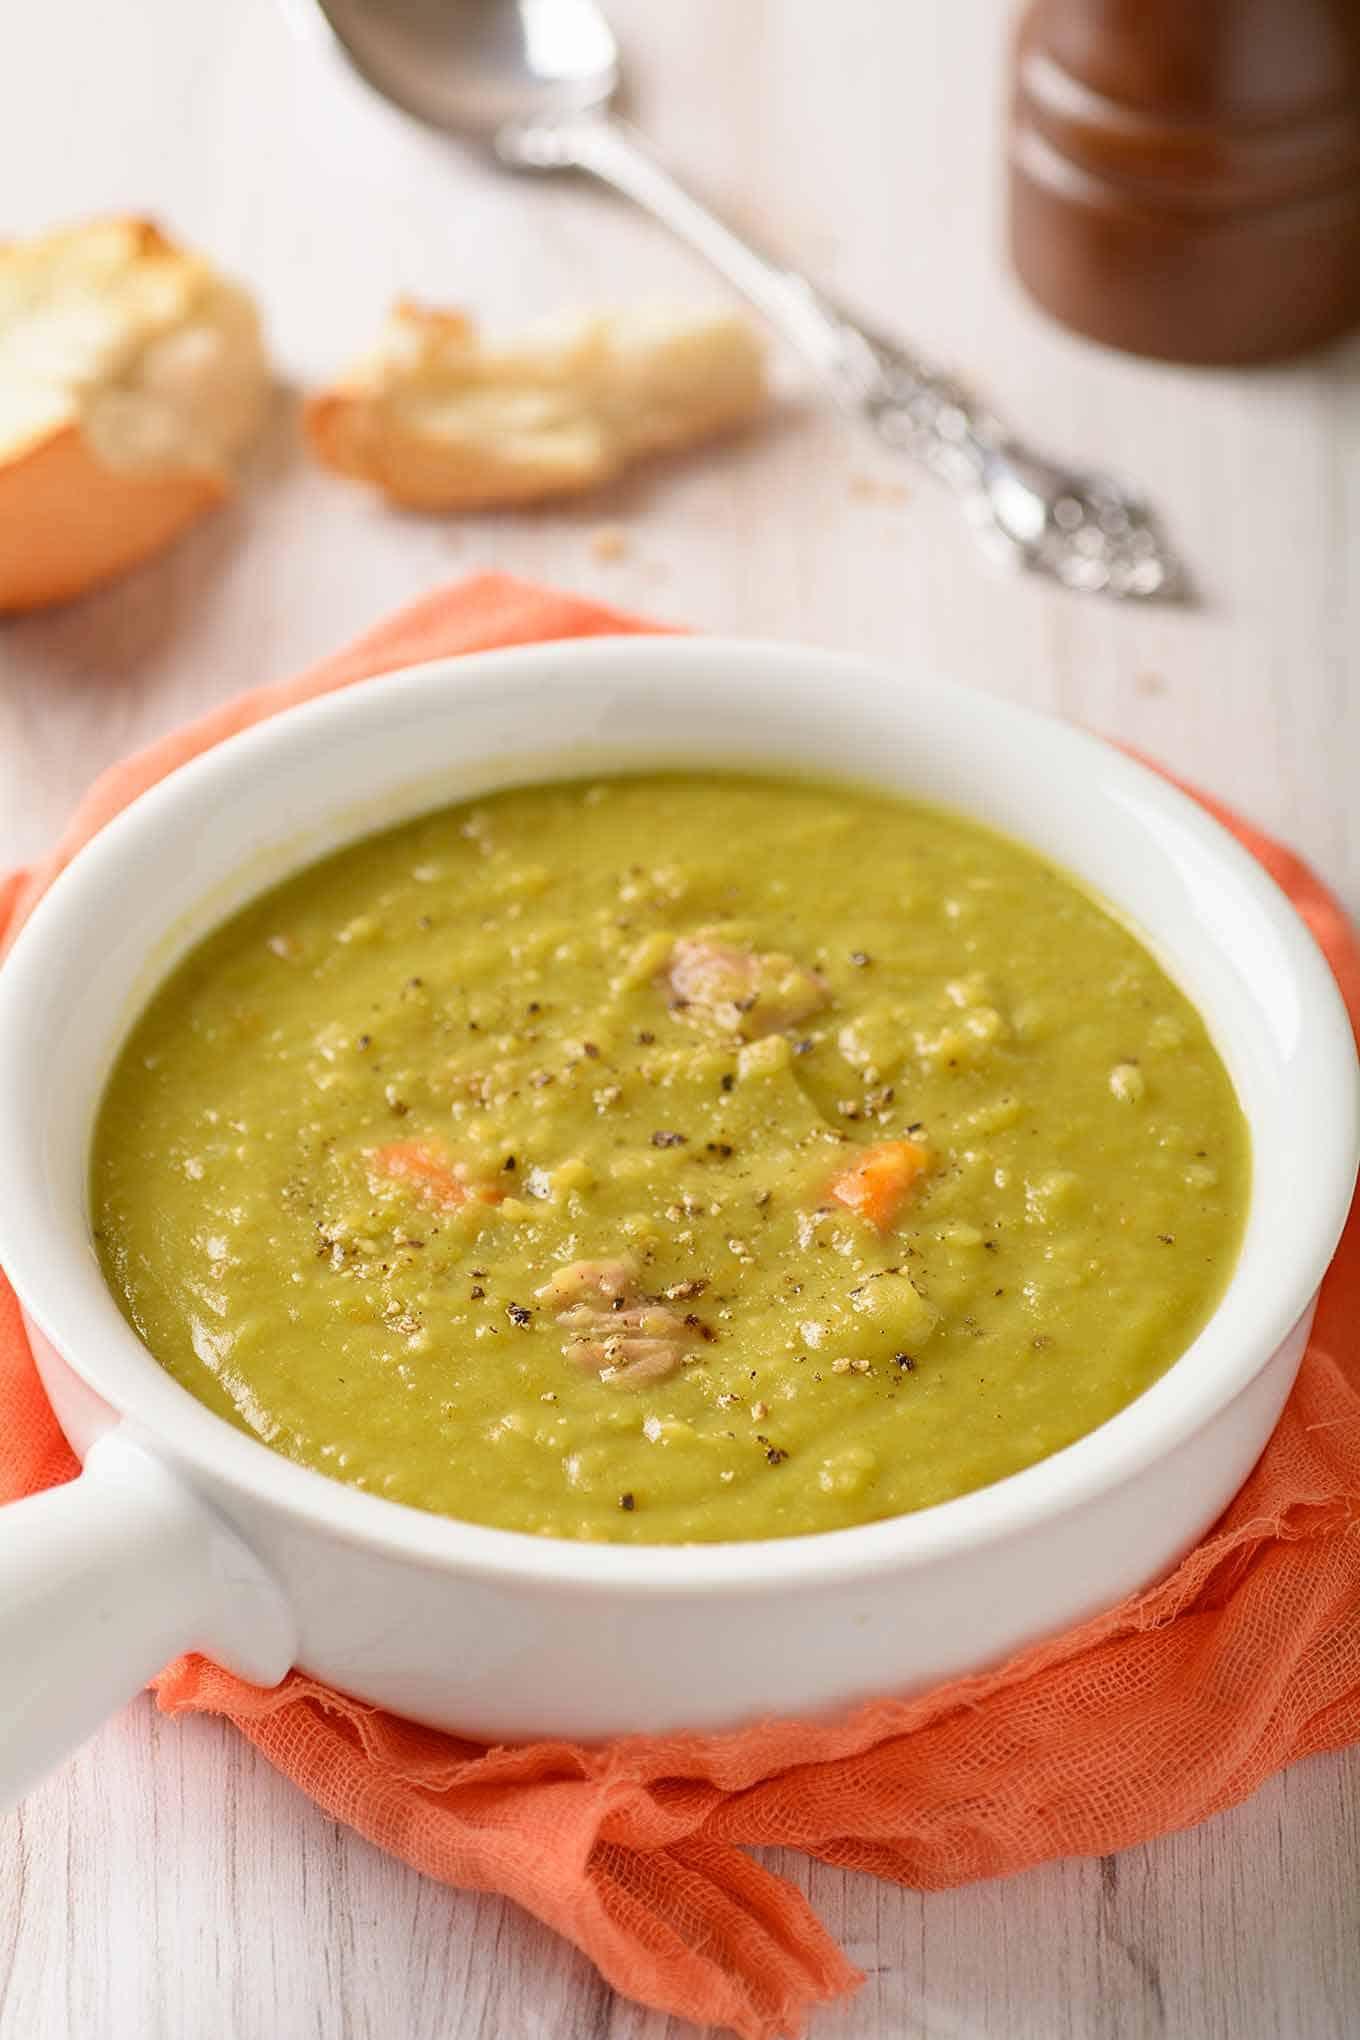 Single serving of split pea soup in white ceramic crock.